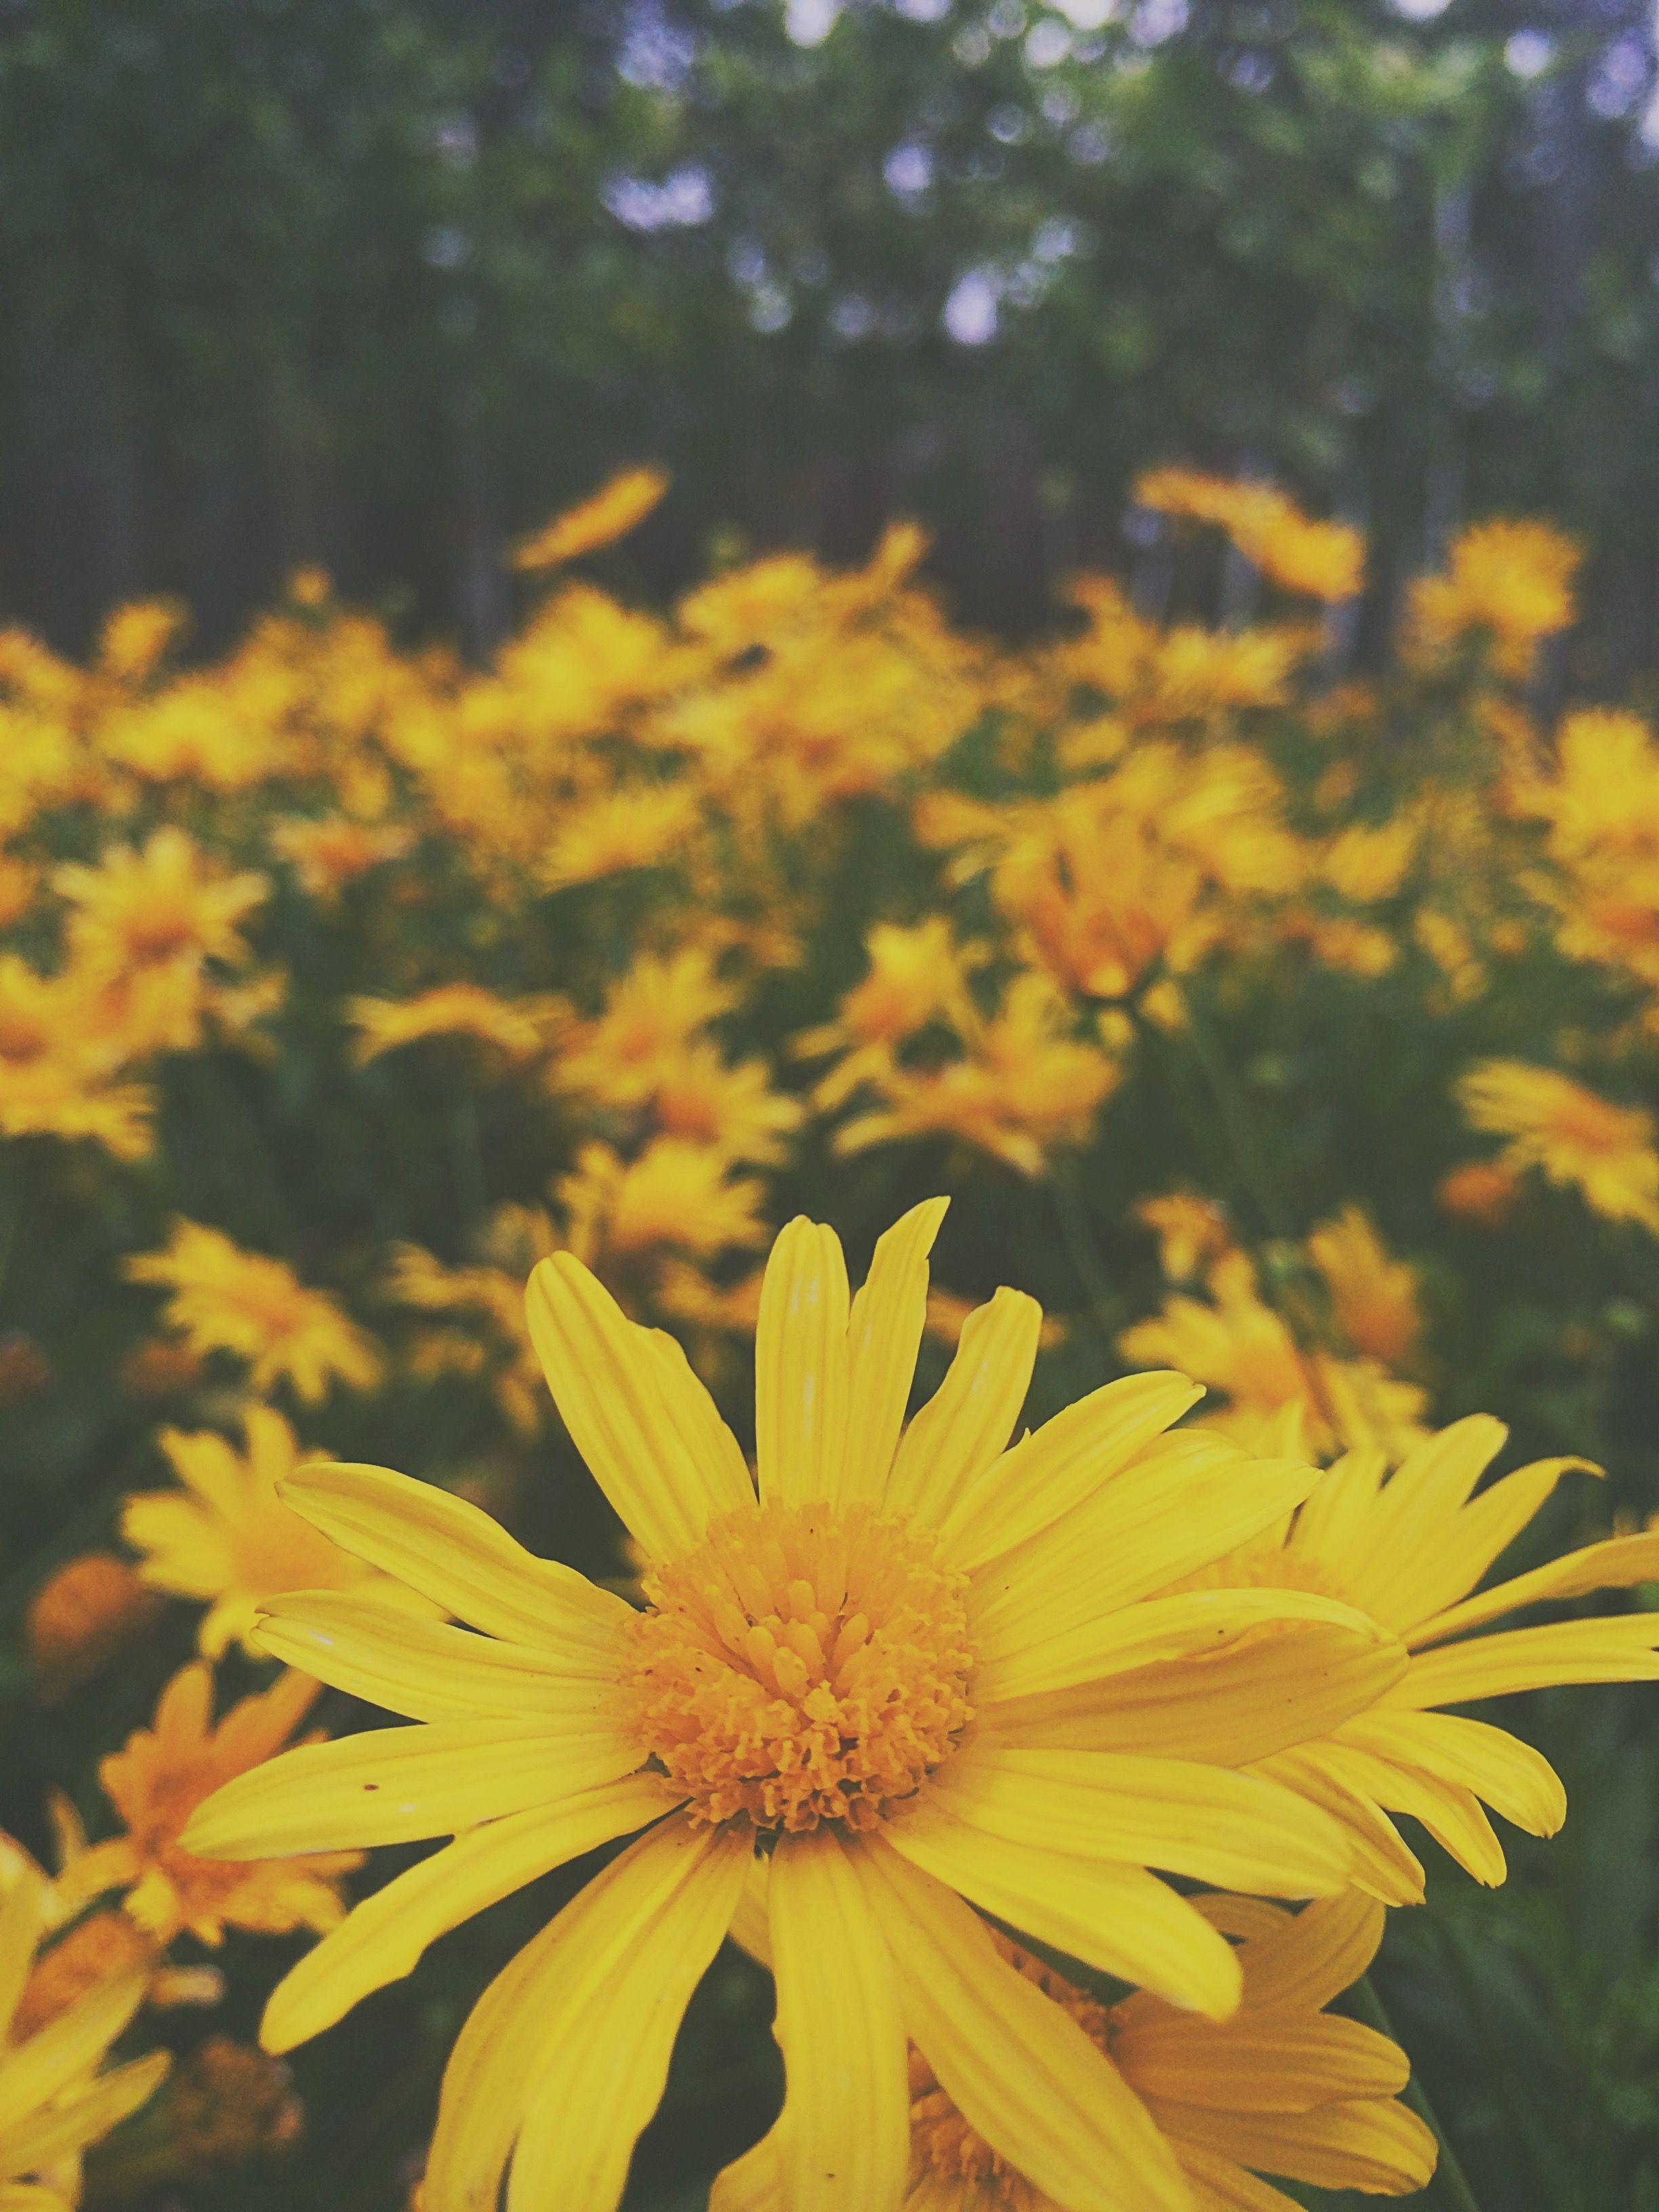 Grunge hippie shadow dark yellow flowers wanderlust background grunge hippie shadow dark yellow flowers wanderlust background wallpaper iphone hippie background yellow background mightylinksfo